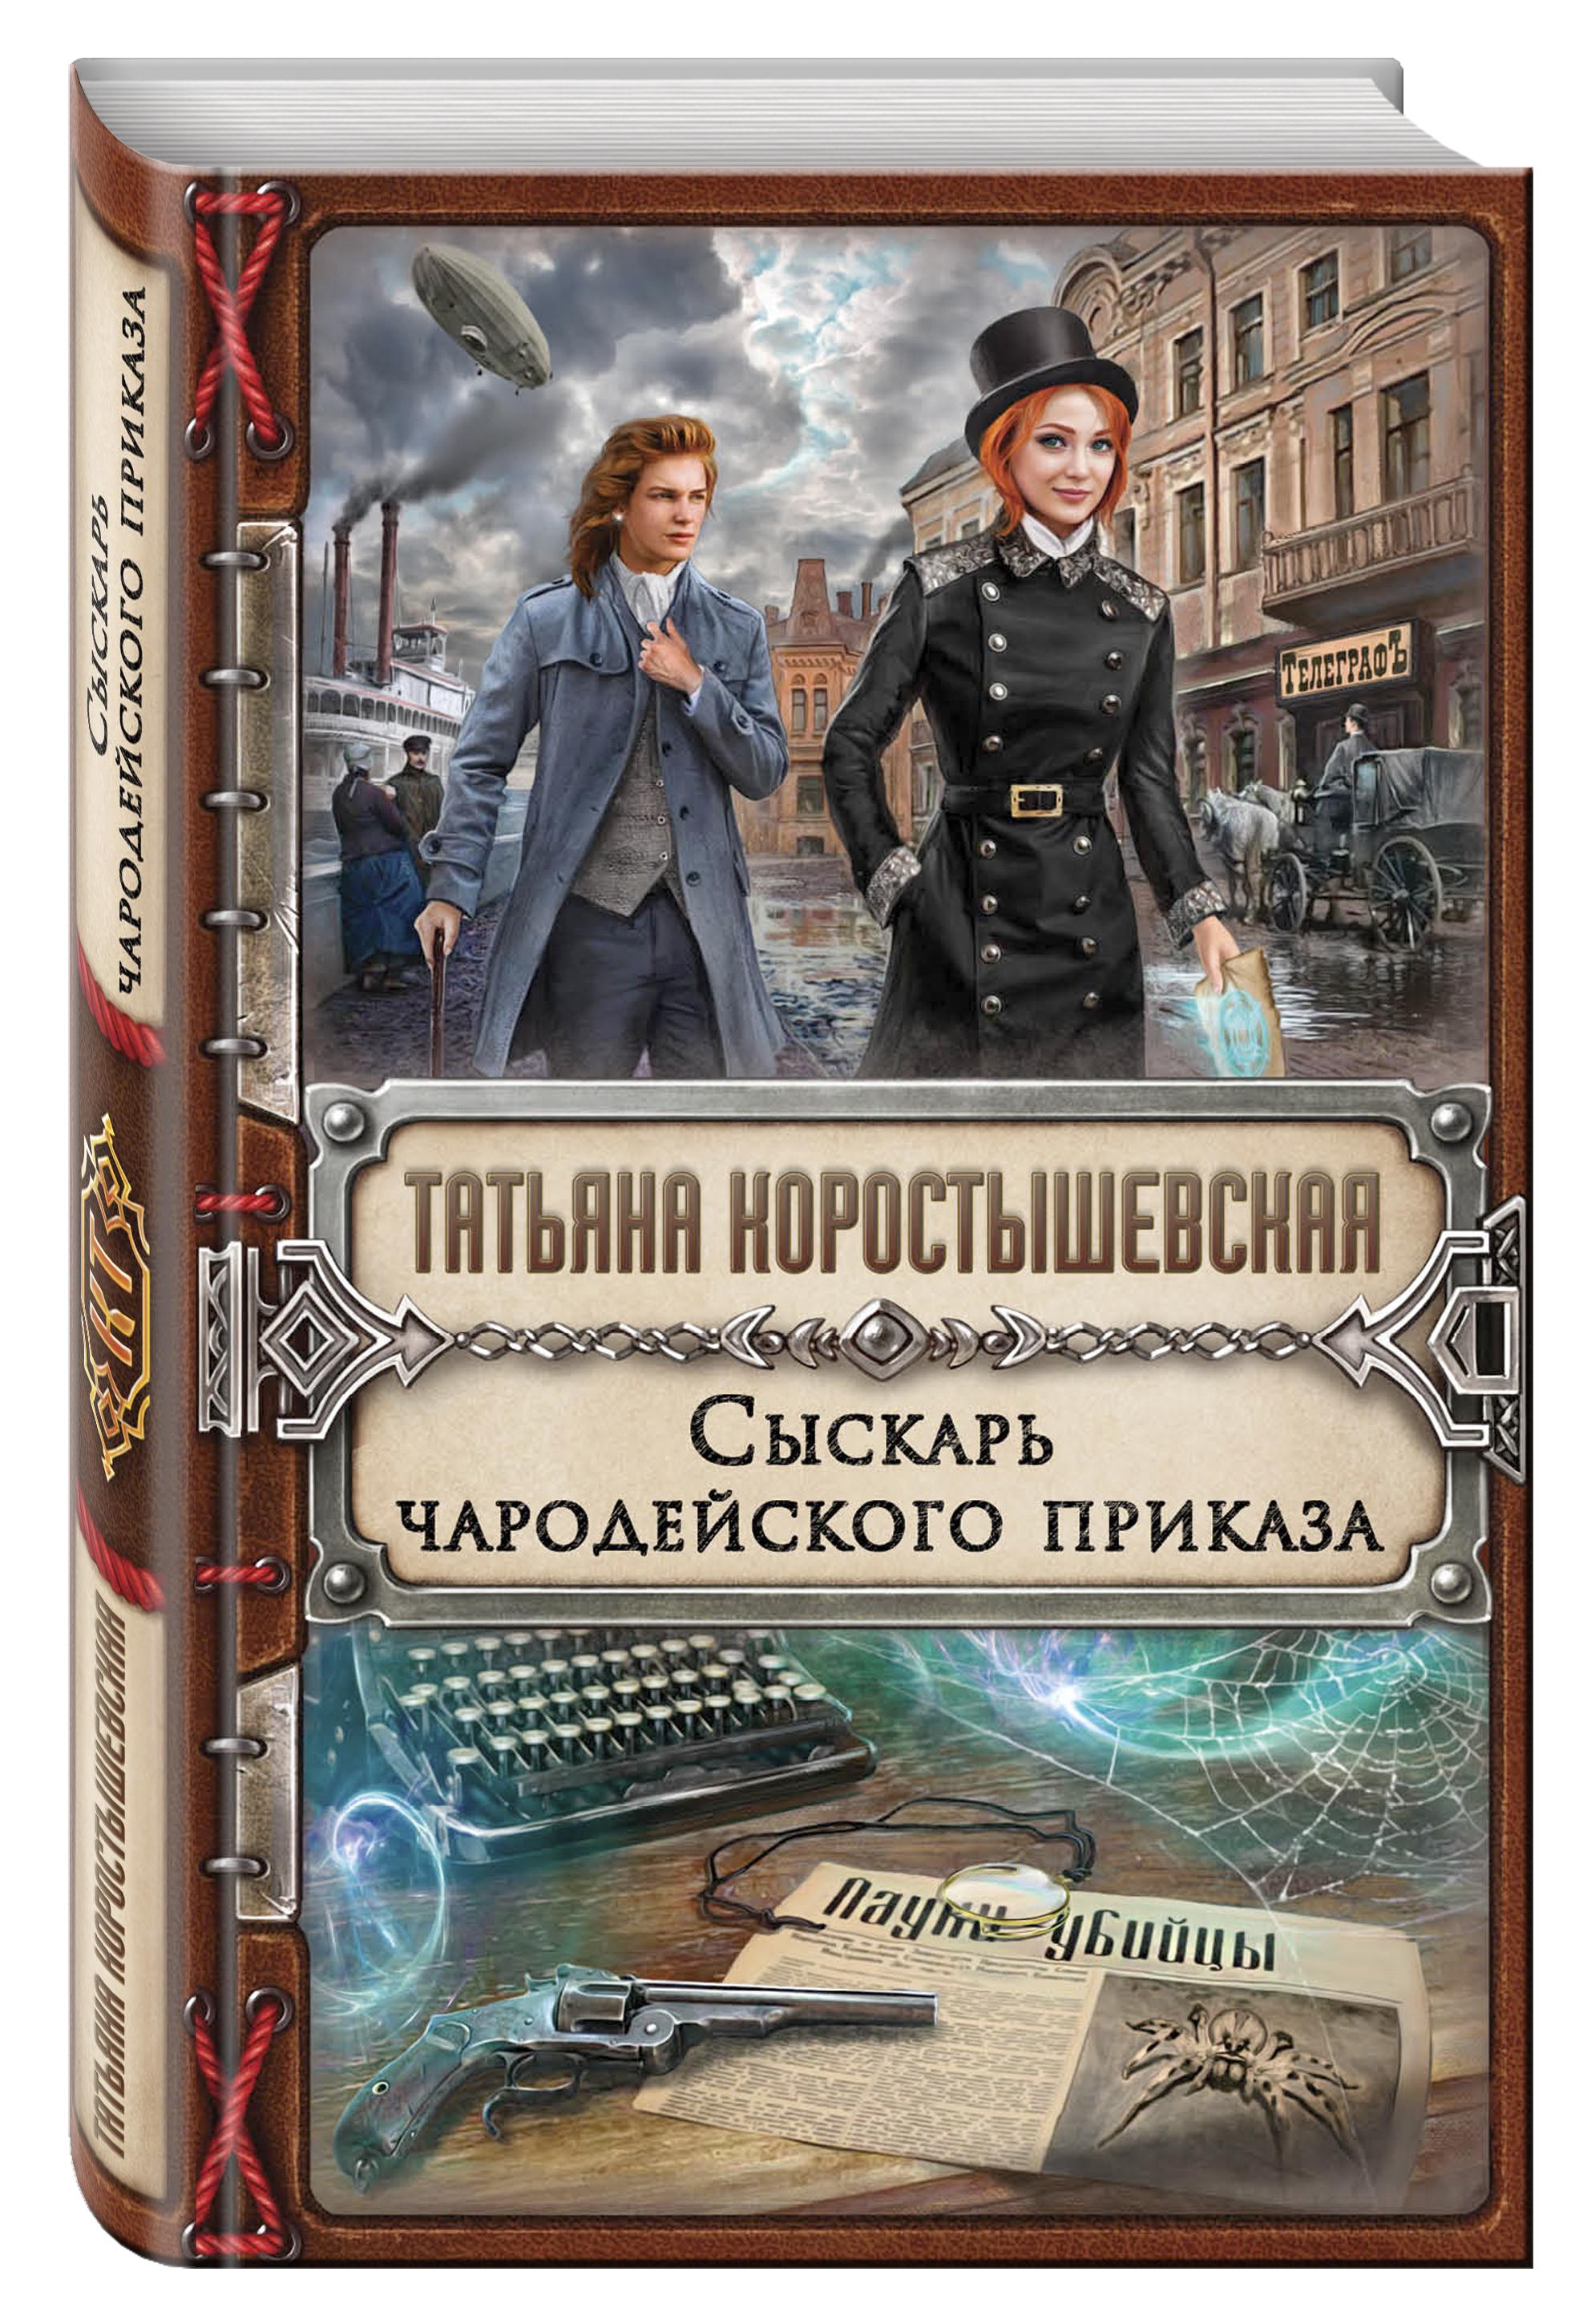 Сыскарь чародейского приказа ( Коростышевская Т.Г.  )